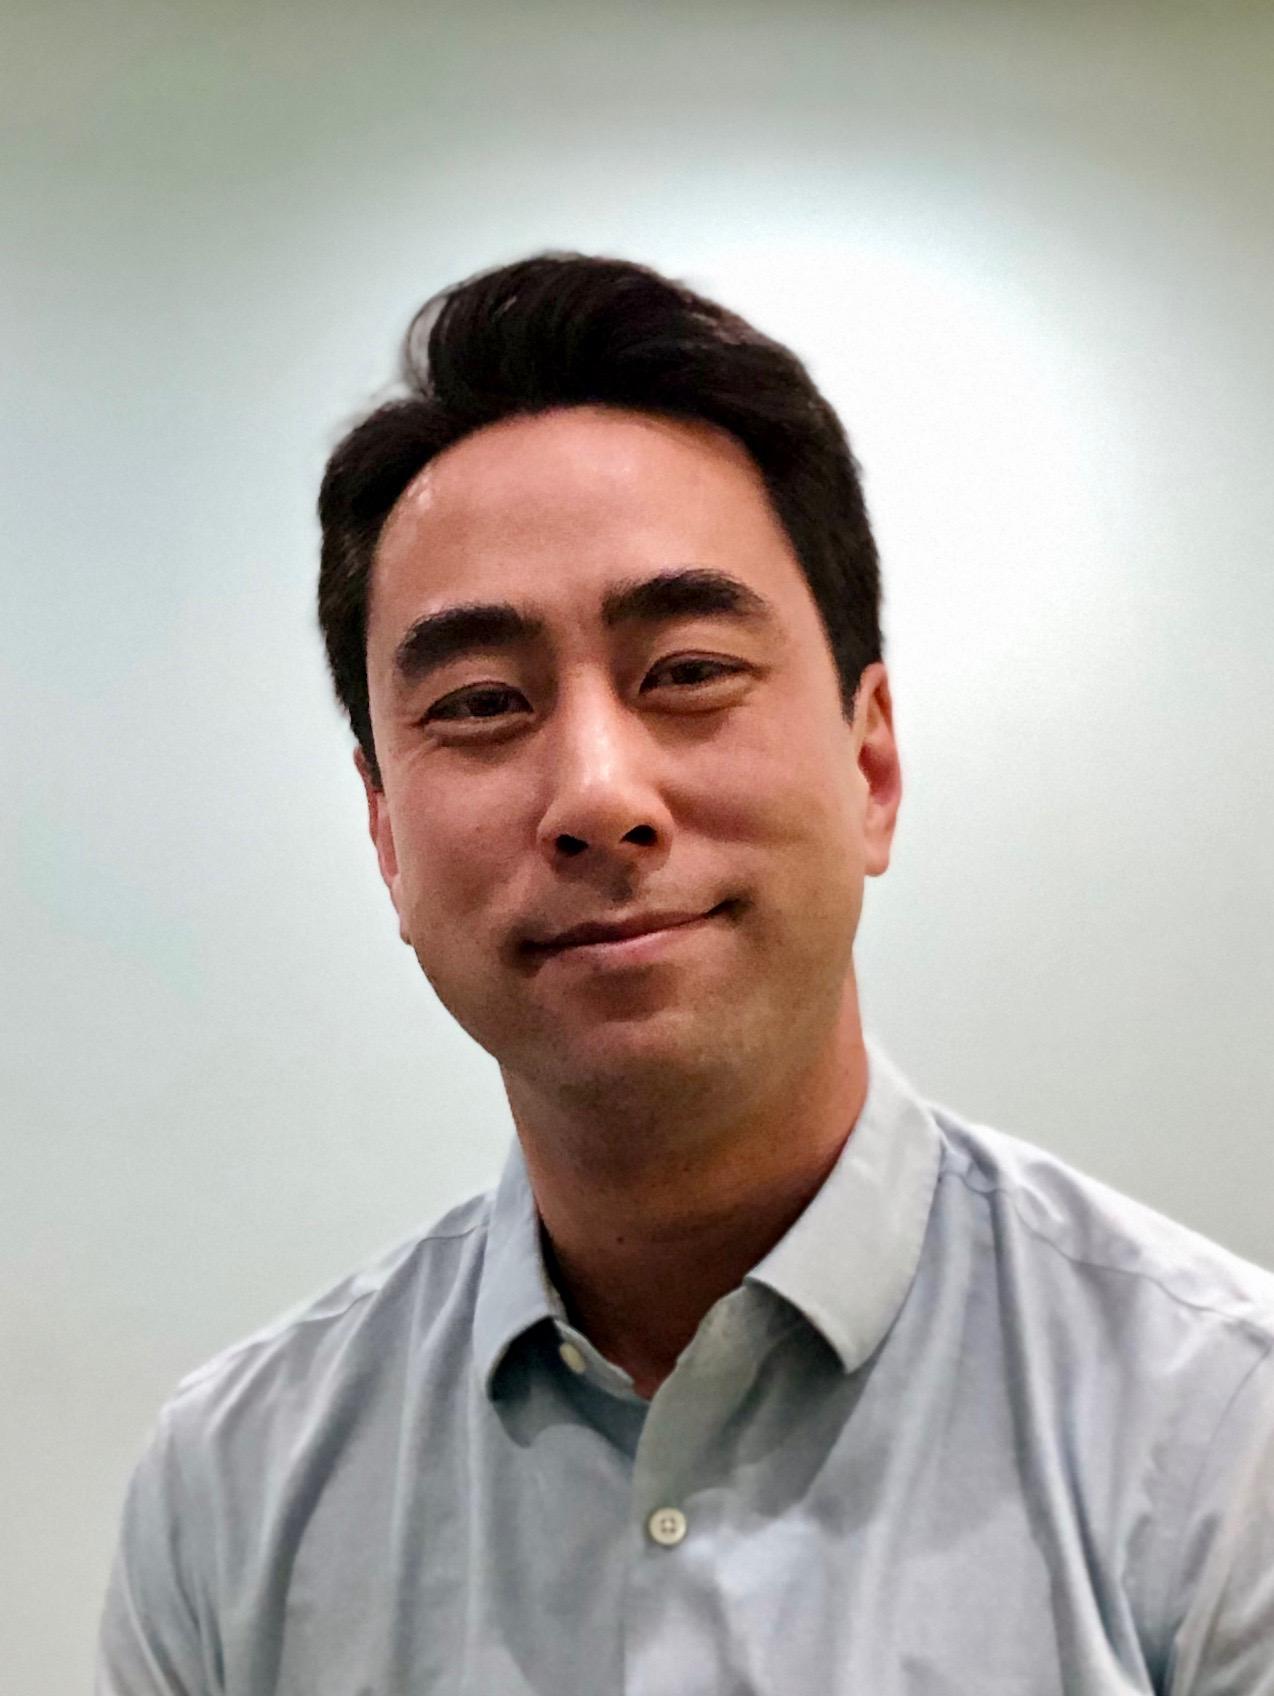 Dr. Joseph C. Lee